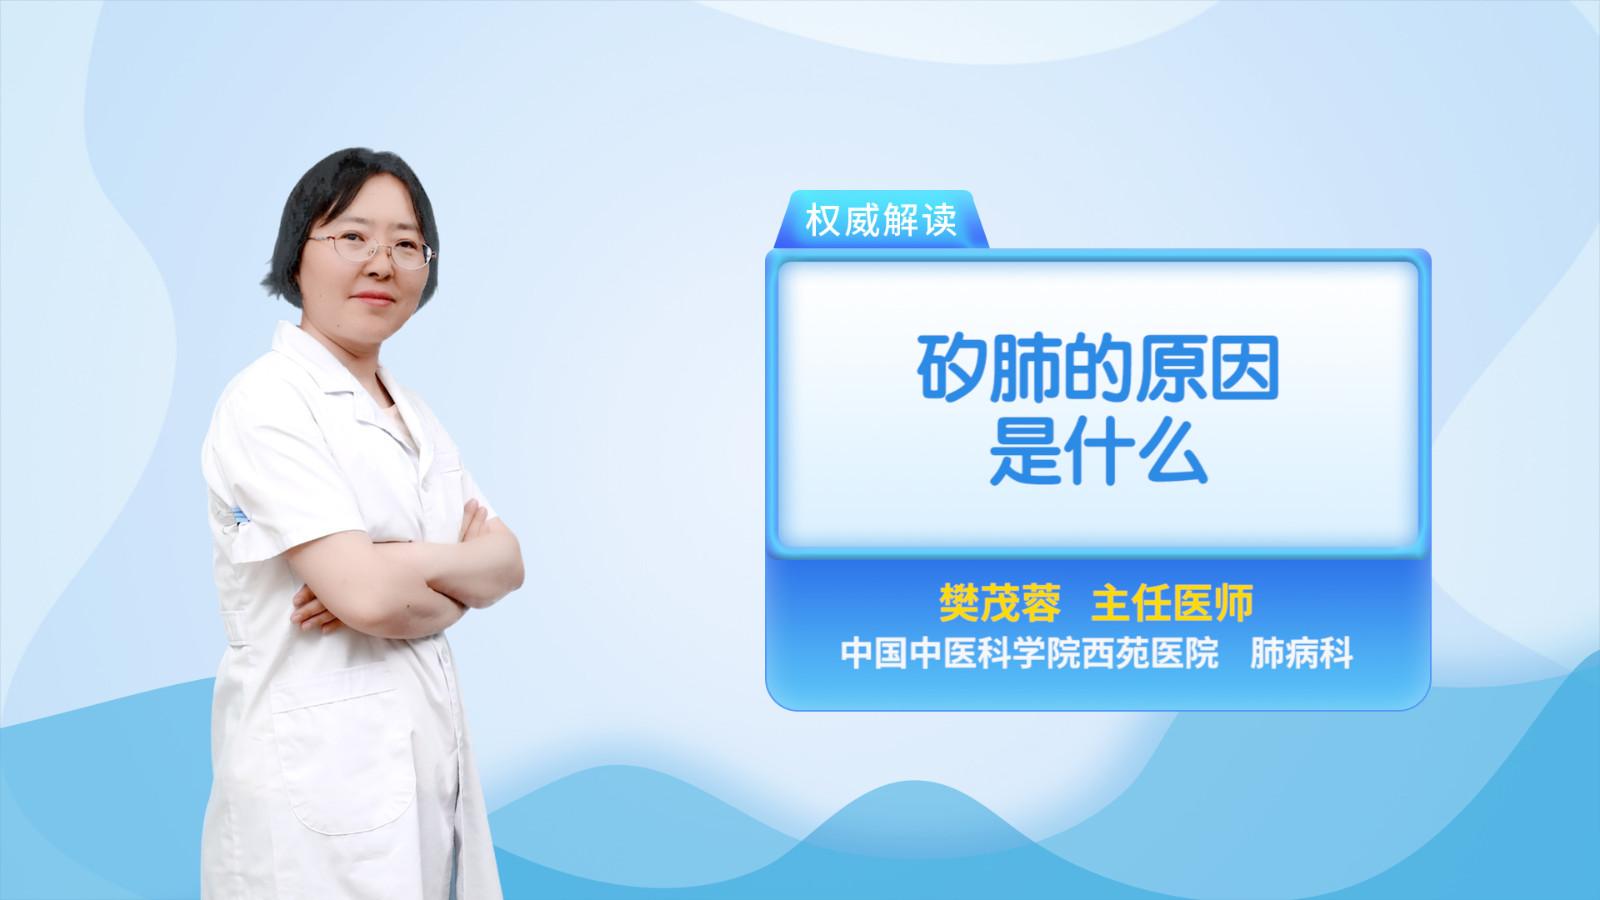 矽肺的原因是什么